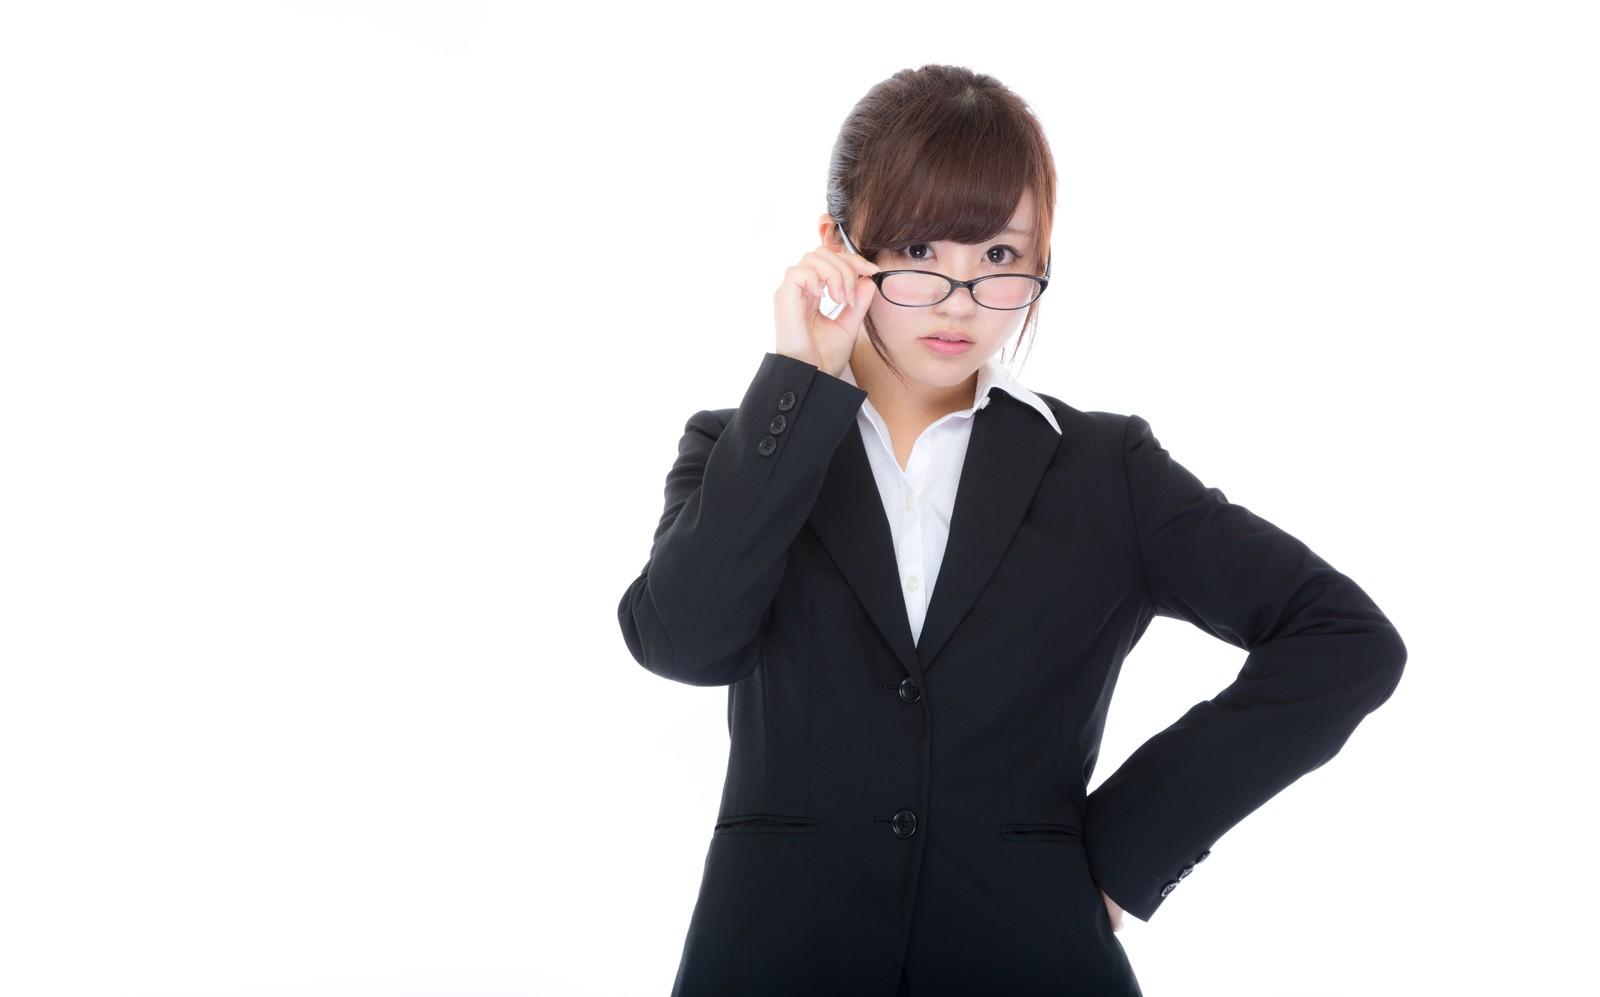 新幹線で。女性「そこ私の席なのですが」ヤンママ『は?子供座っているしスマホ充電中なんで~』女性「あなた、日本の方ですか?」→すると…